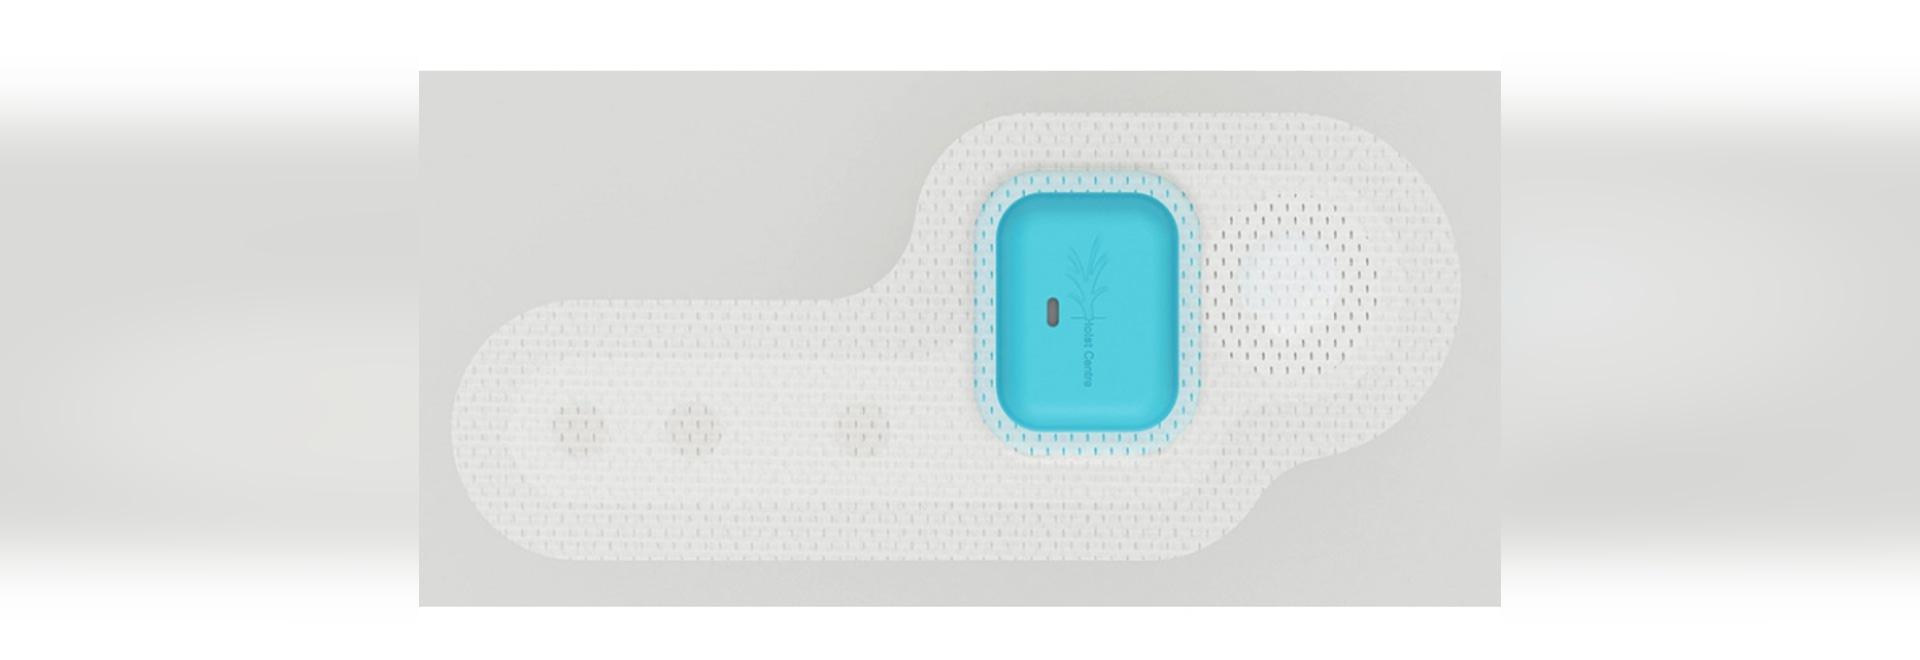 Remiendo con los monitores no tóxicos ECG, oxígeno de la sangre, actividad física de la batería